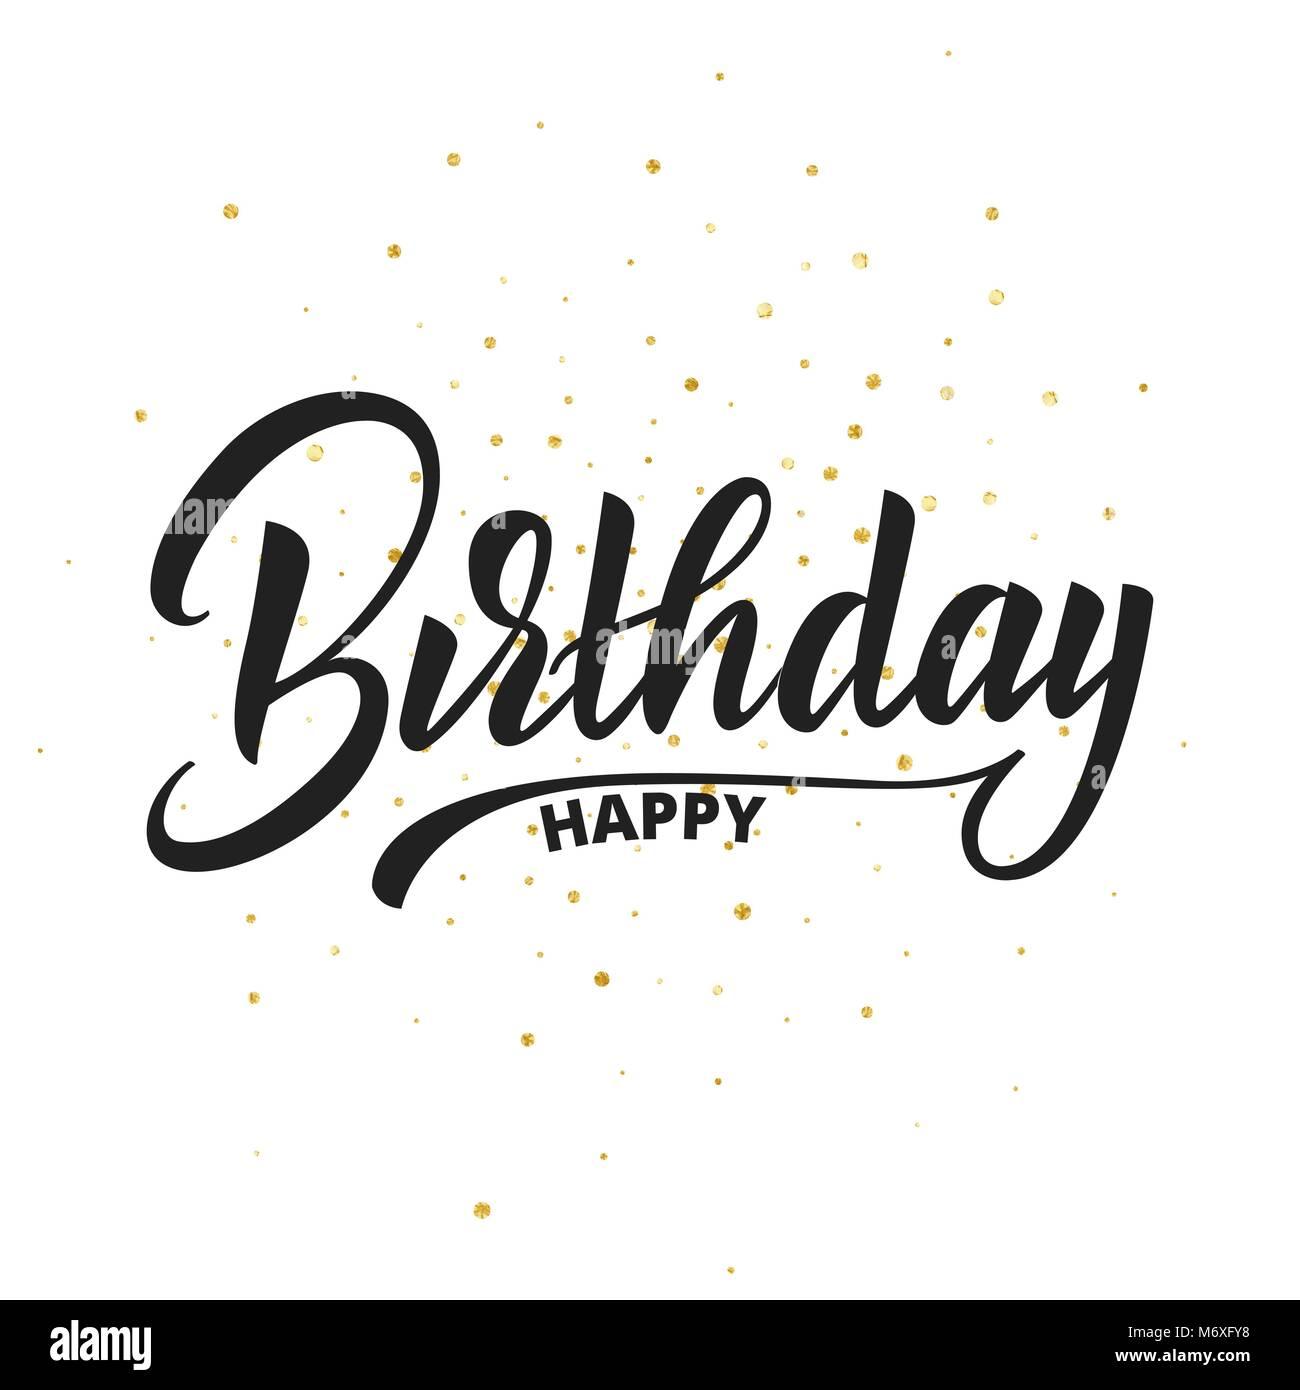 Buon Compleanno Scritte Disegno Vettoriale Compleanno Biglietto Di